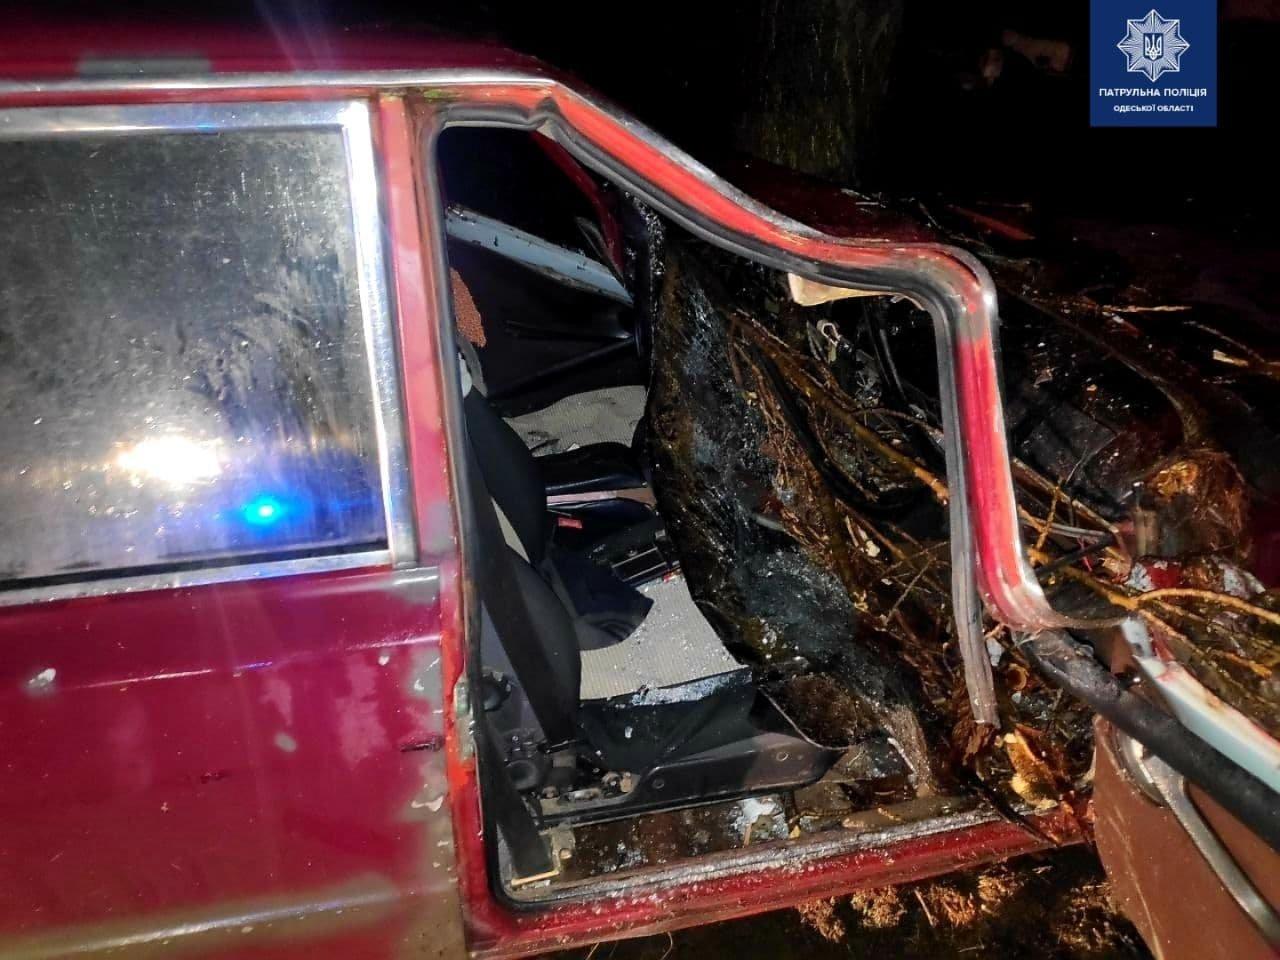 В Одессе произошло два ДТП, есть погибшие и пострадавшие, -..., фото-22